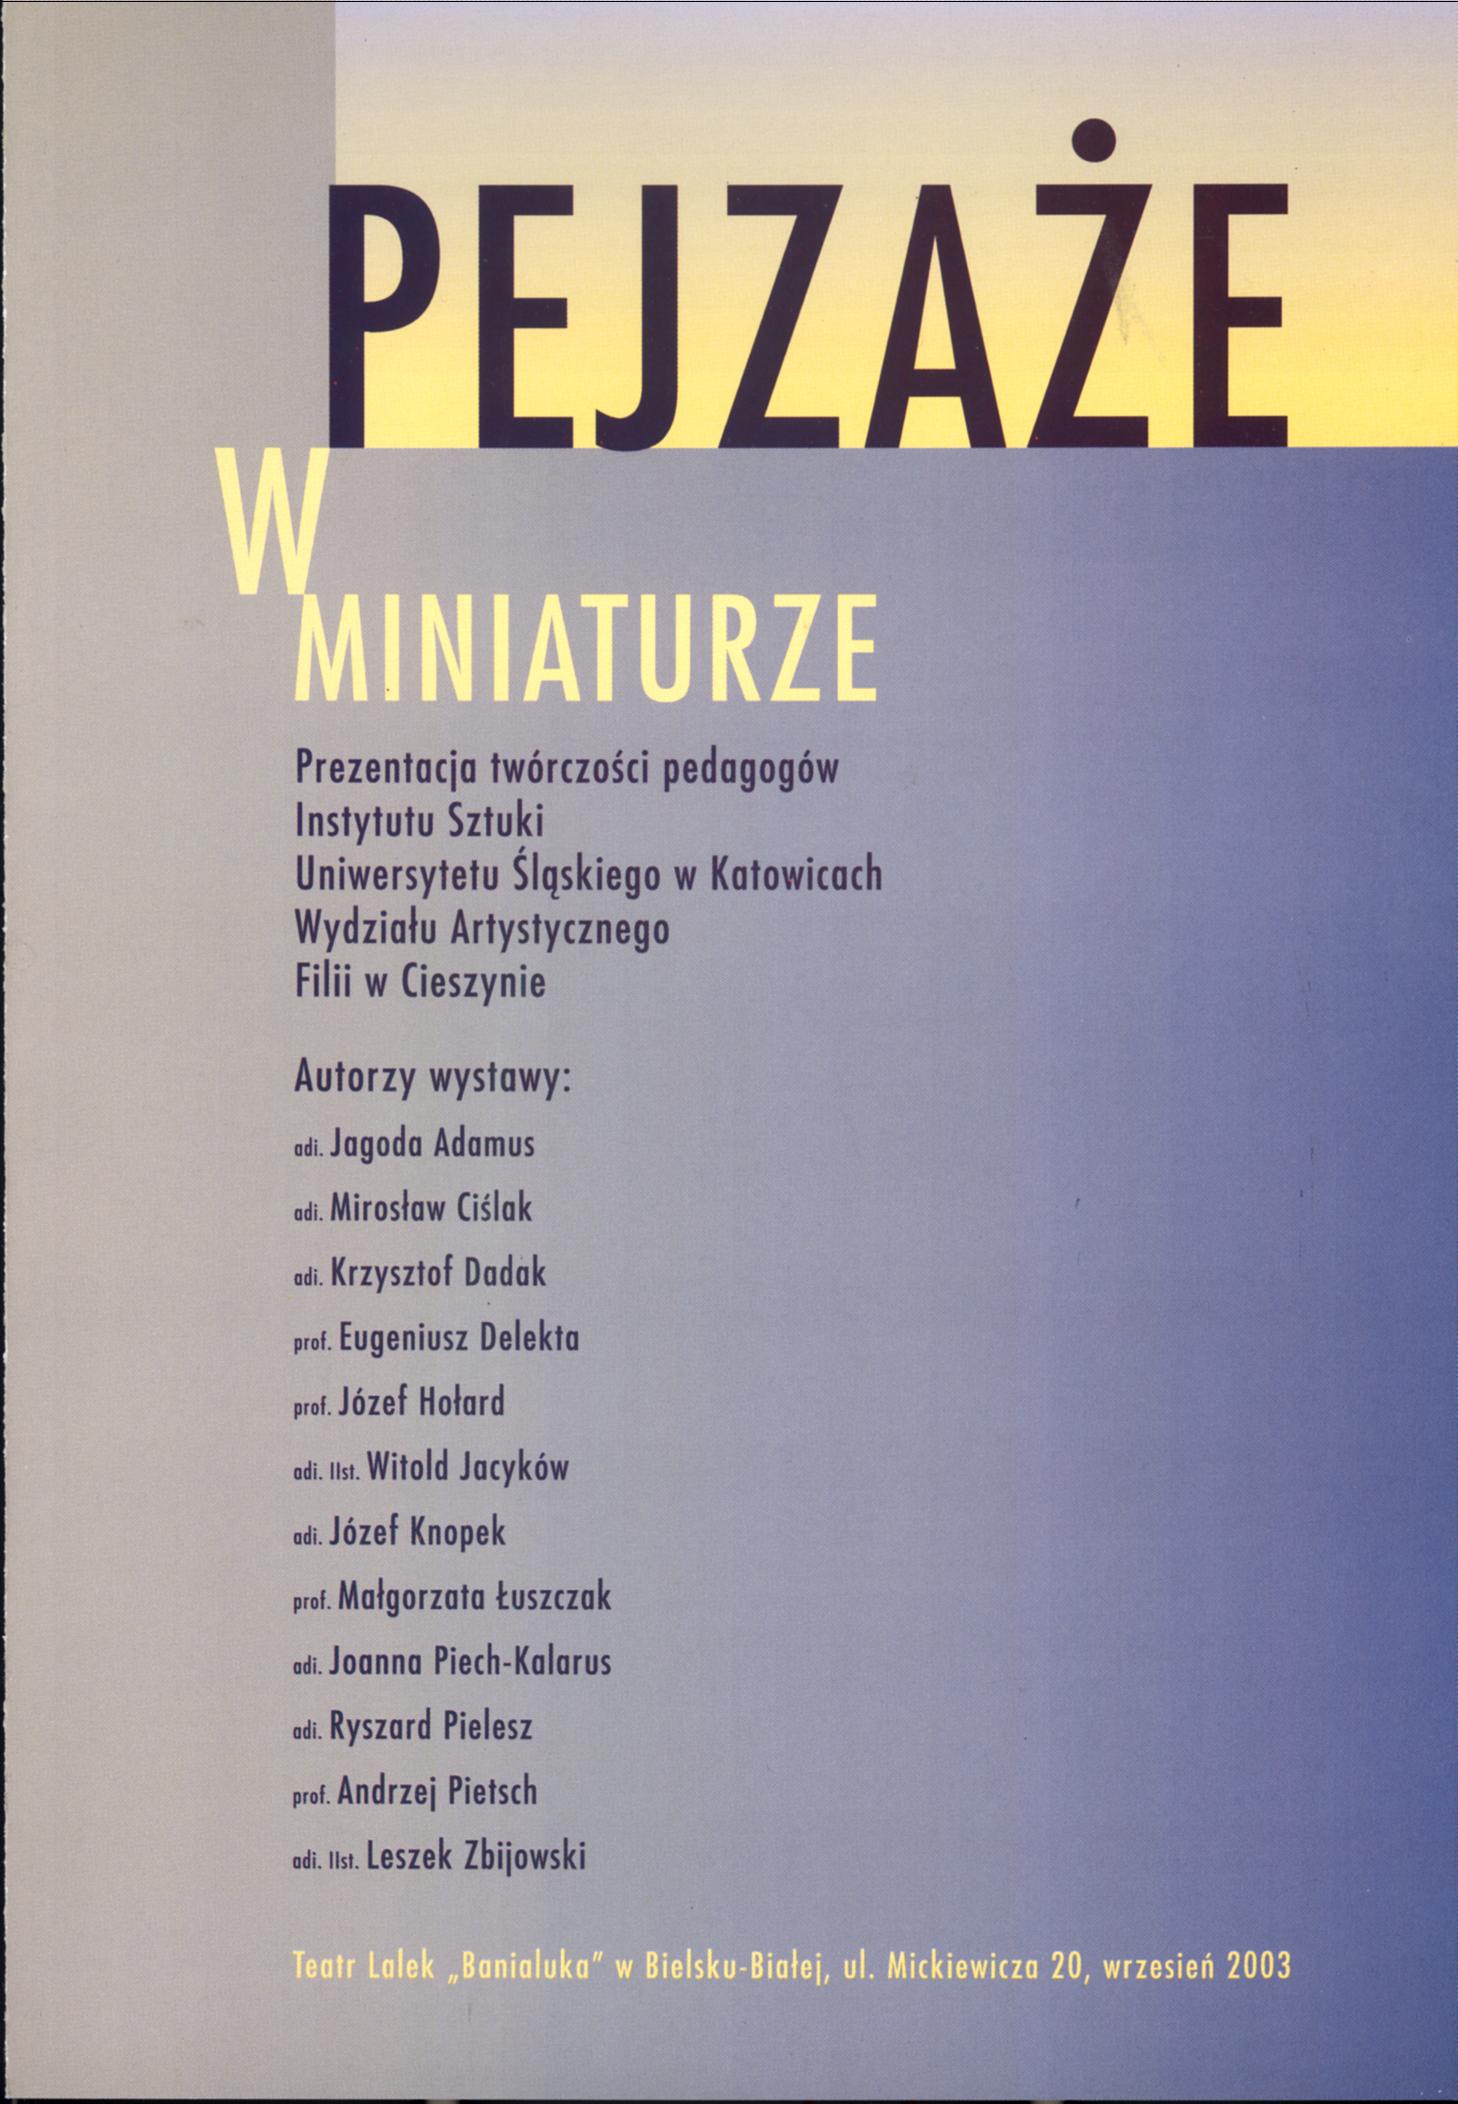 Miniatura2003.jpg